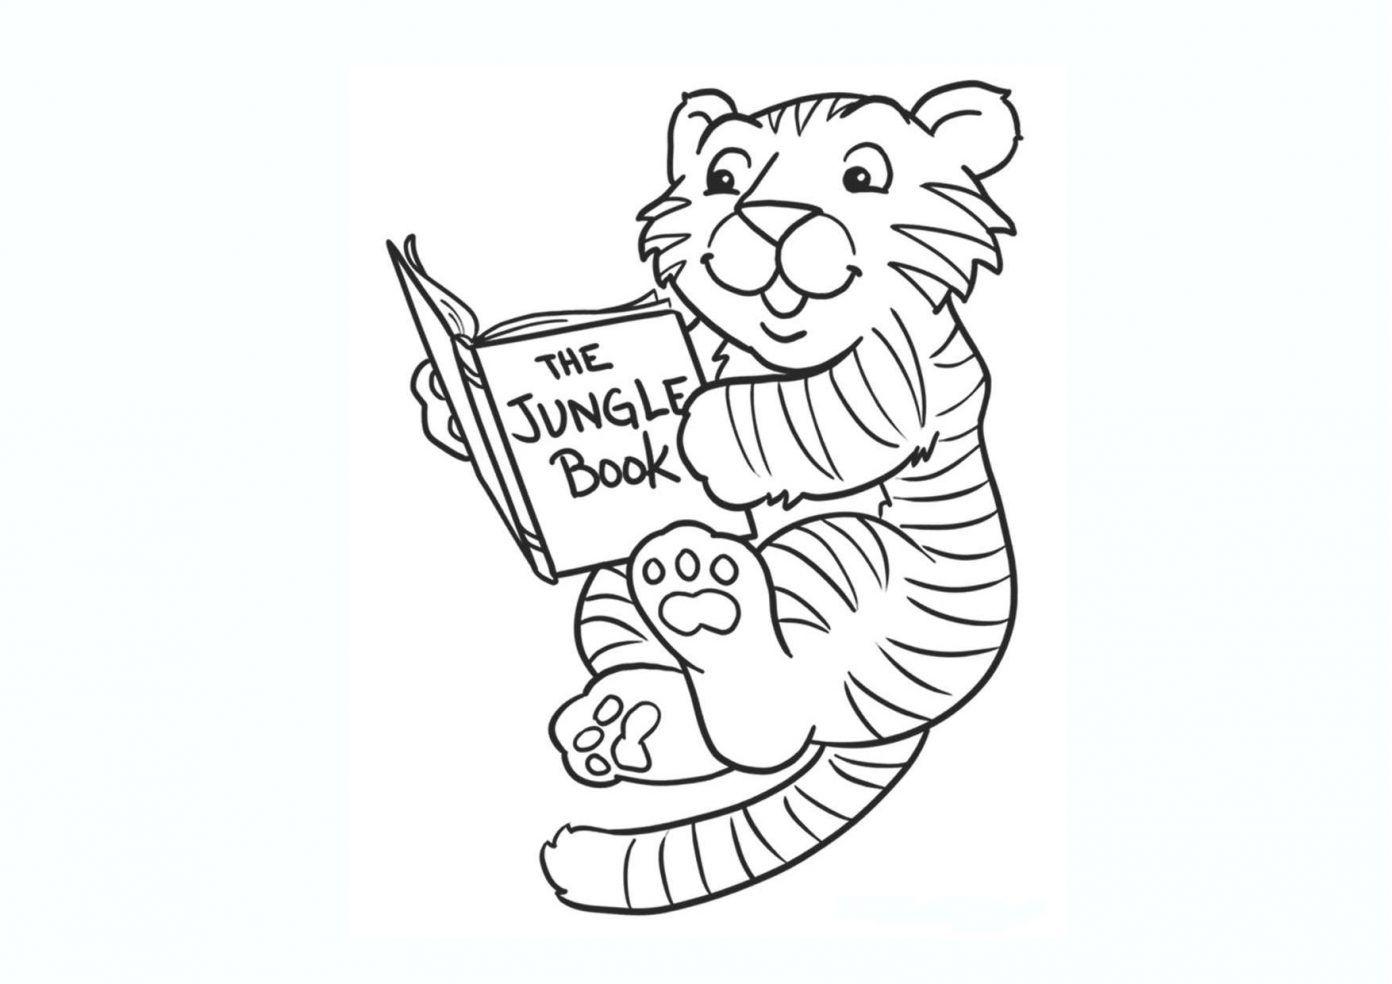 Tranh tô màu con hổ và cuốn sách